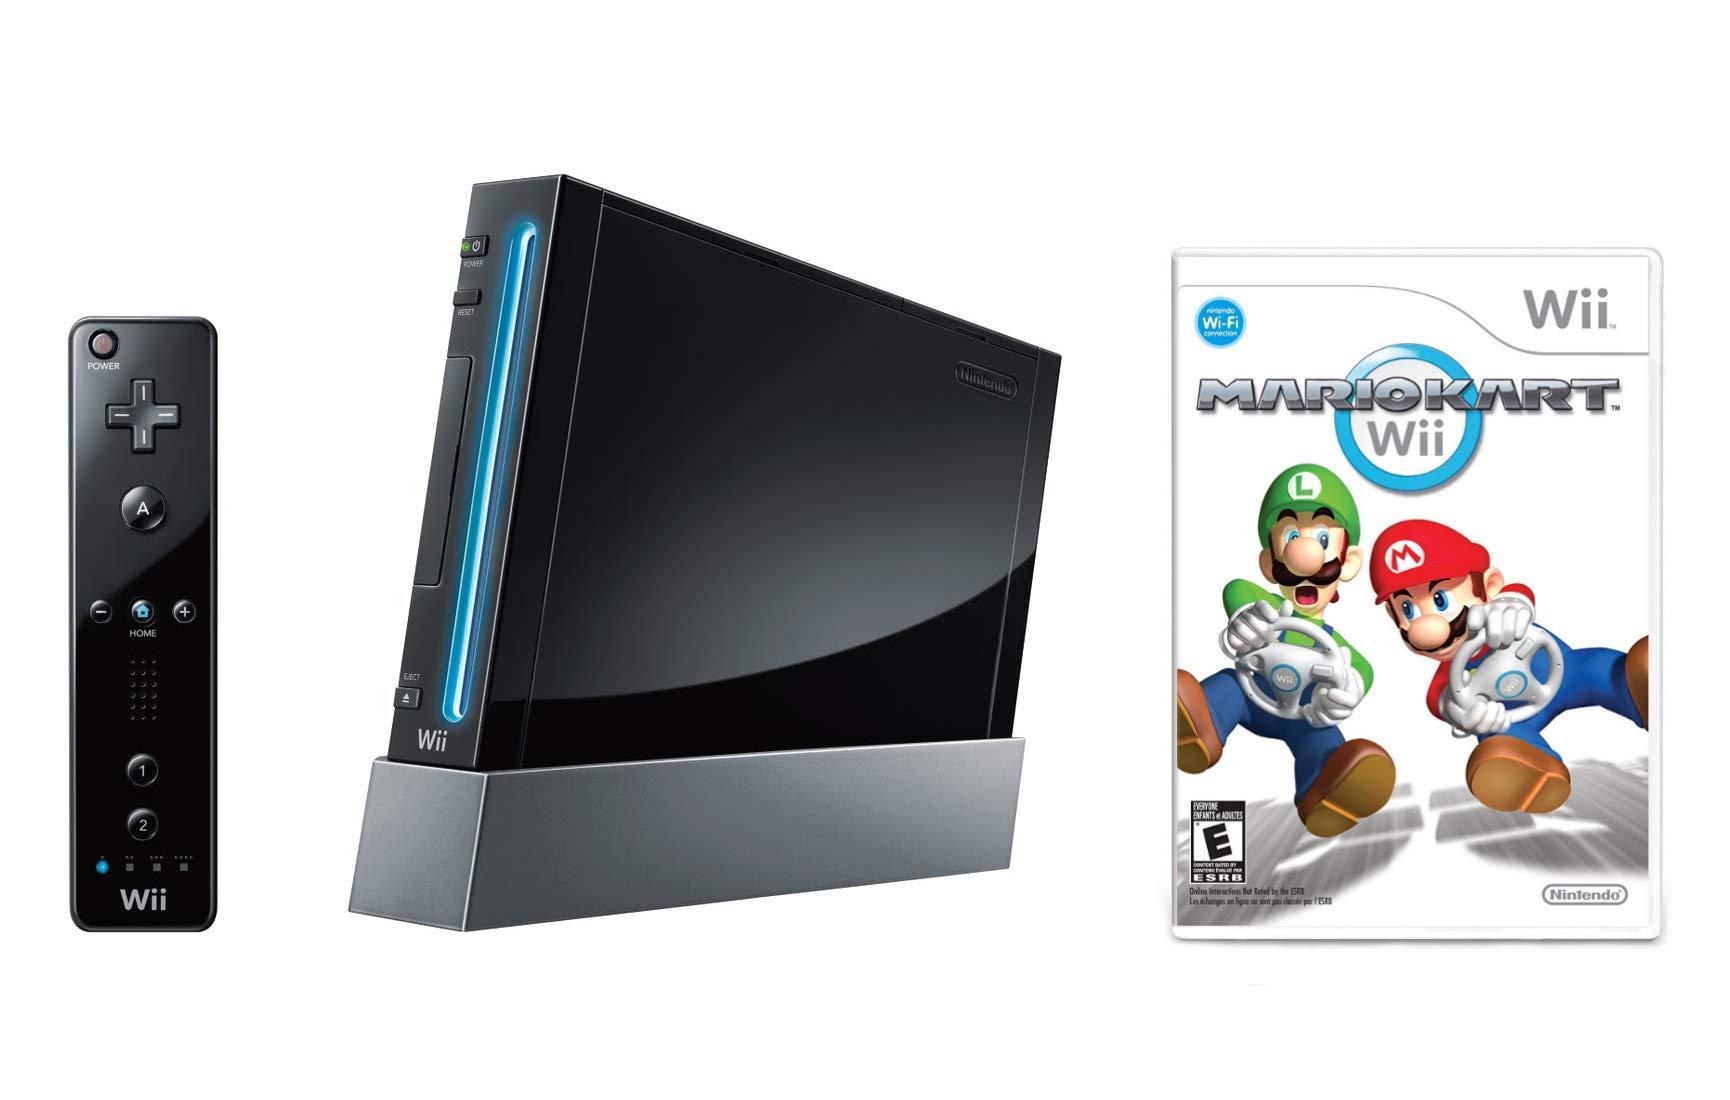 Paquete de consola Wii (Renewed): Amazon.es: Electrónica